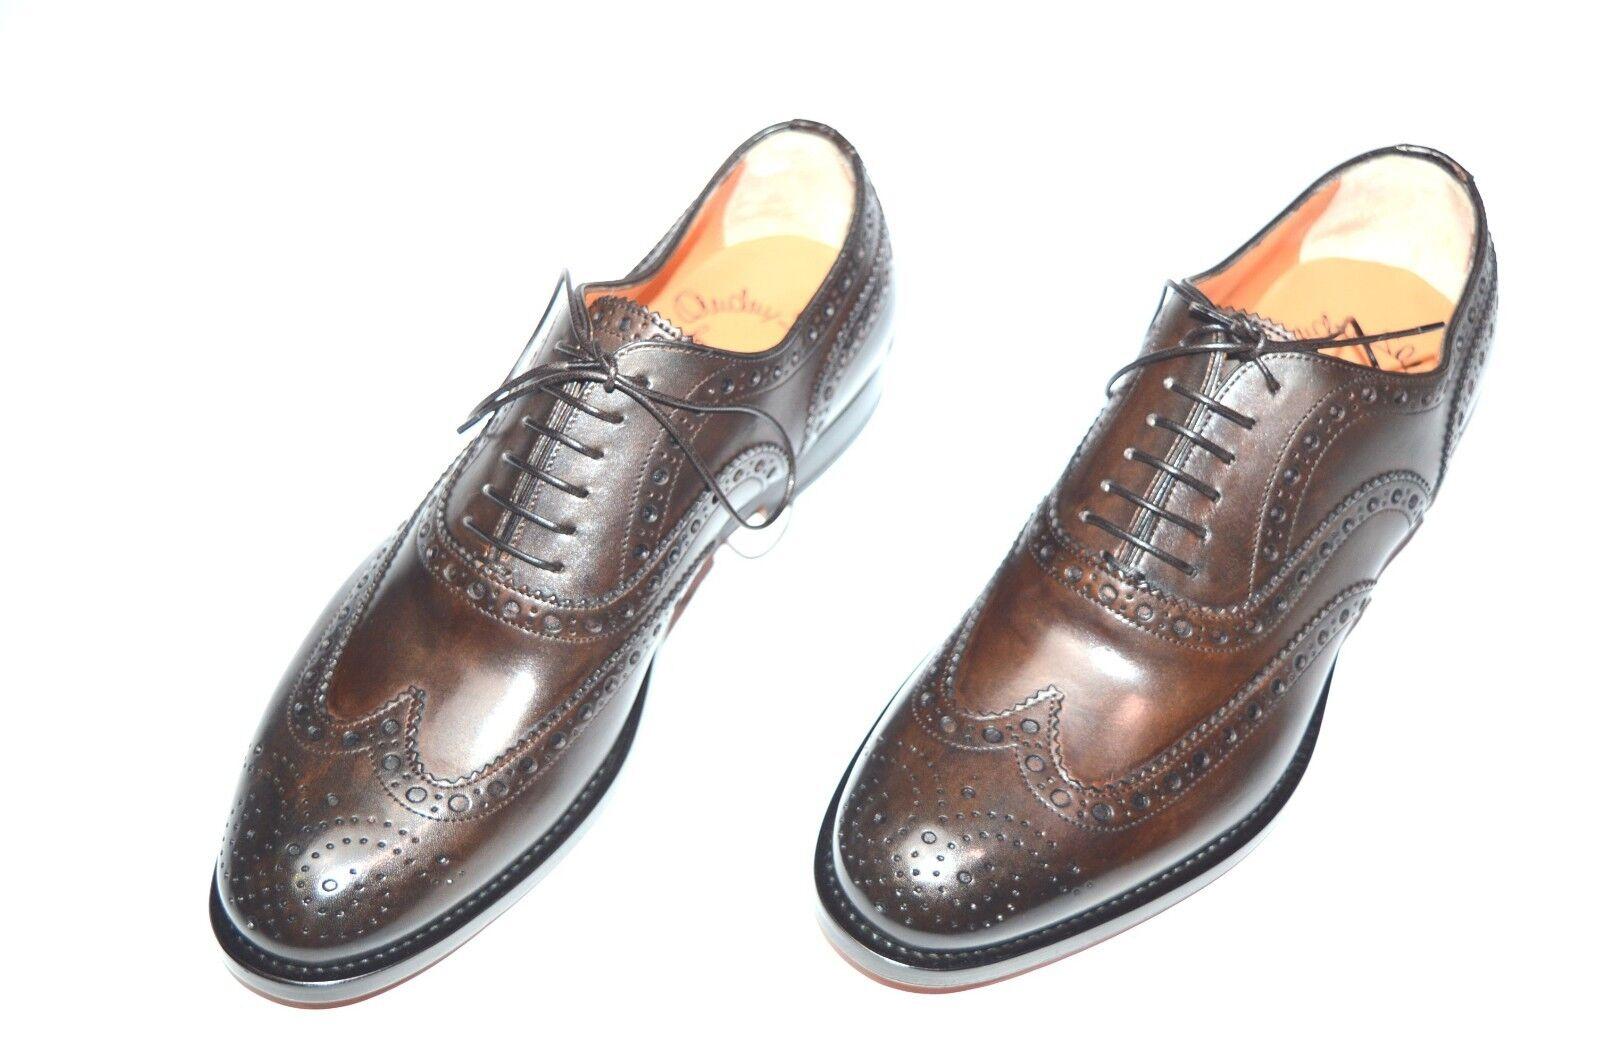 NEW SANTONI Dress Black Leather shoes  SIZE Eu 40.5 Uk 6.5 Us 7.5 (22R)